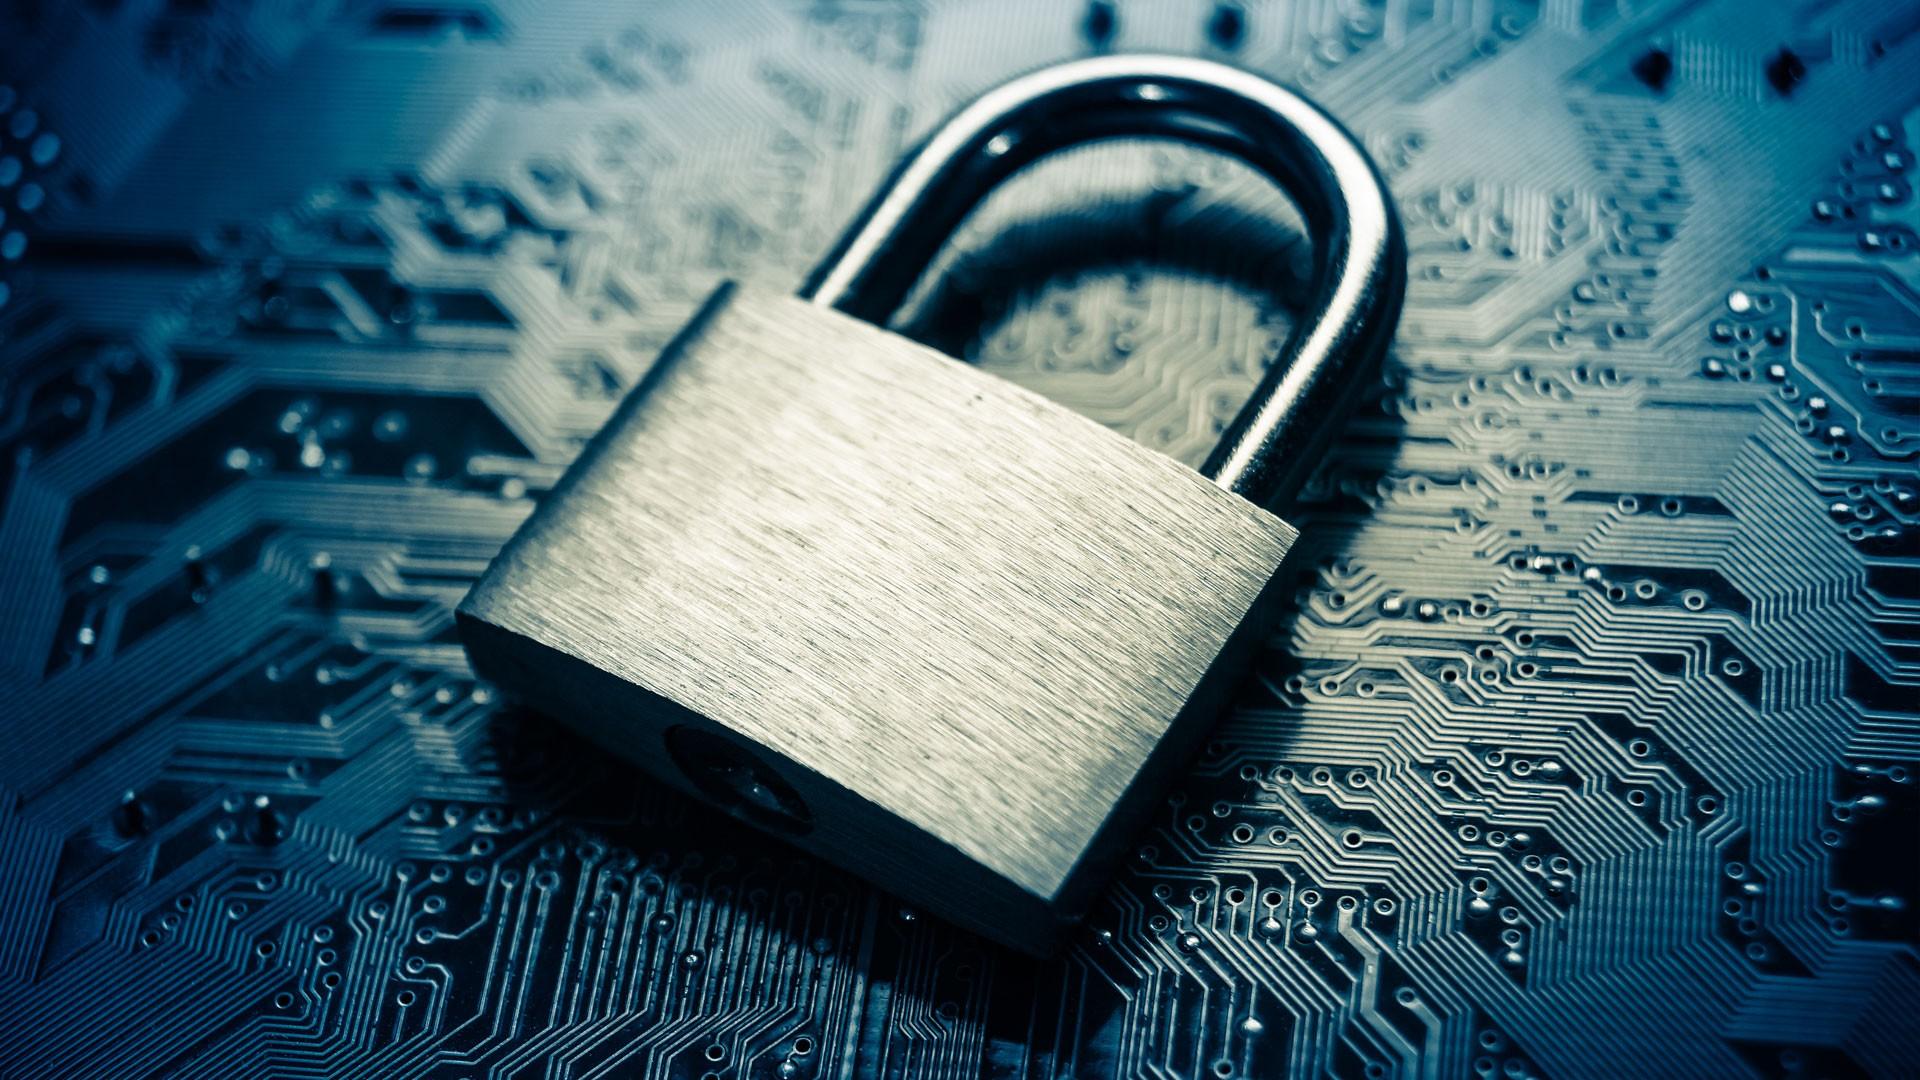 Gestion de sauvegardes locales et en ligne, services informatiques, console web, données protégées, sécurité, backup, cloud, infonuagique, informatique, réseau